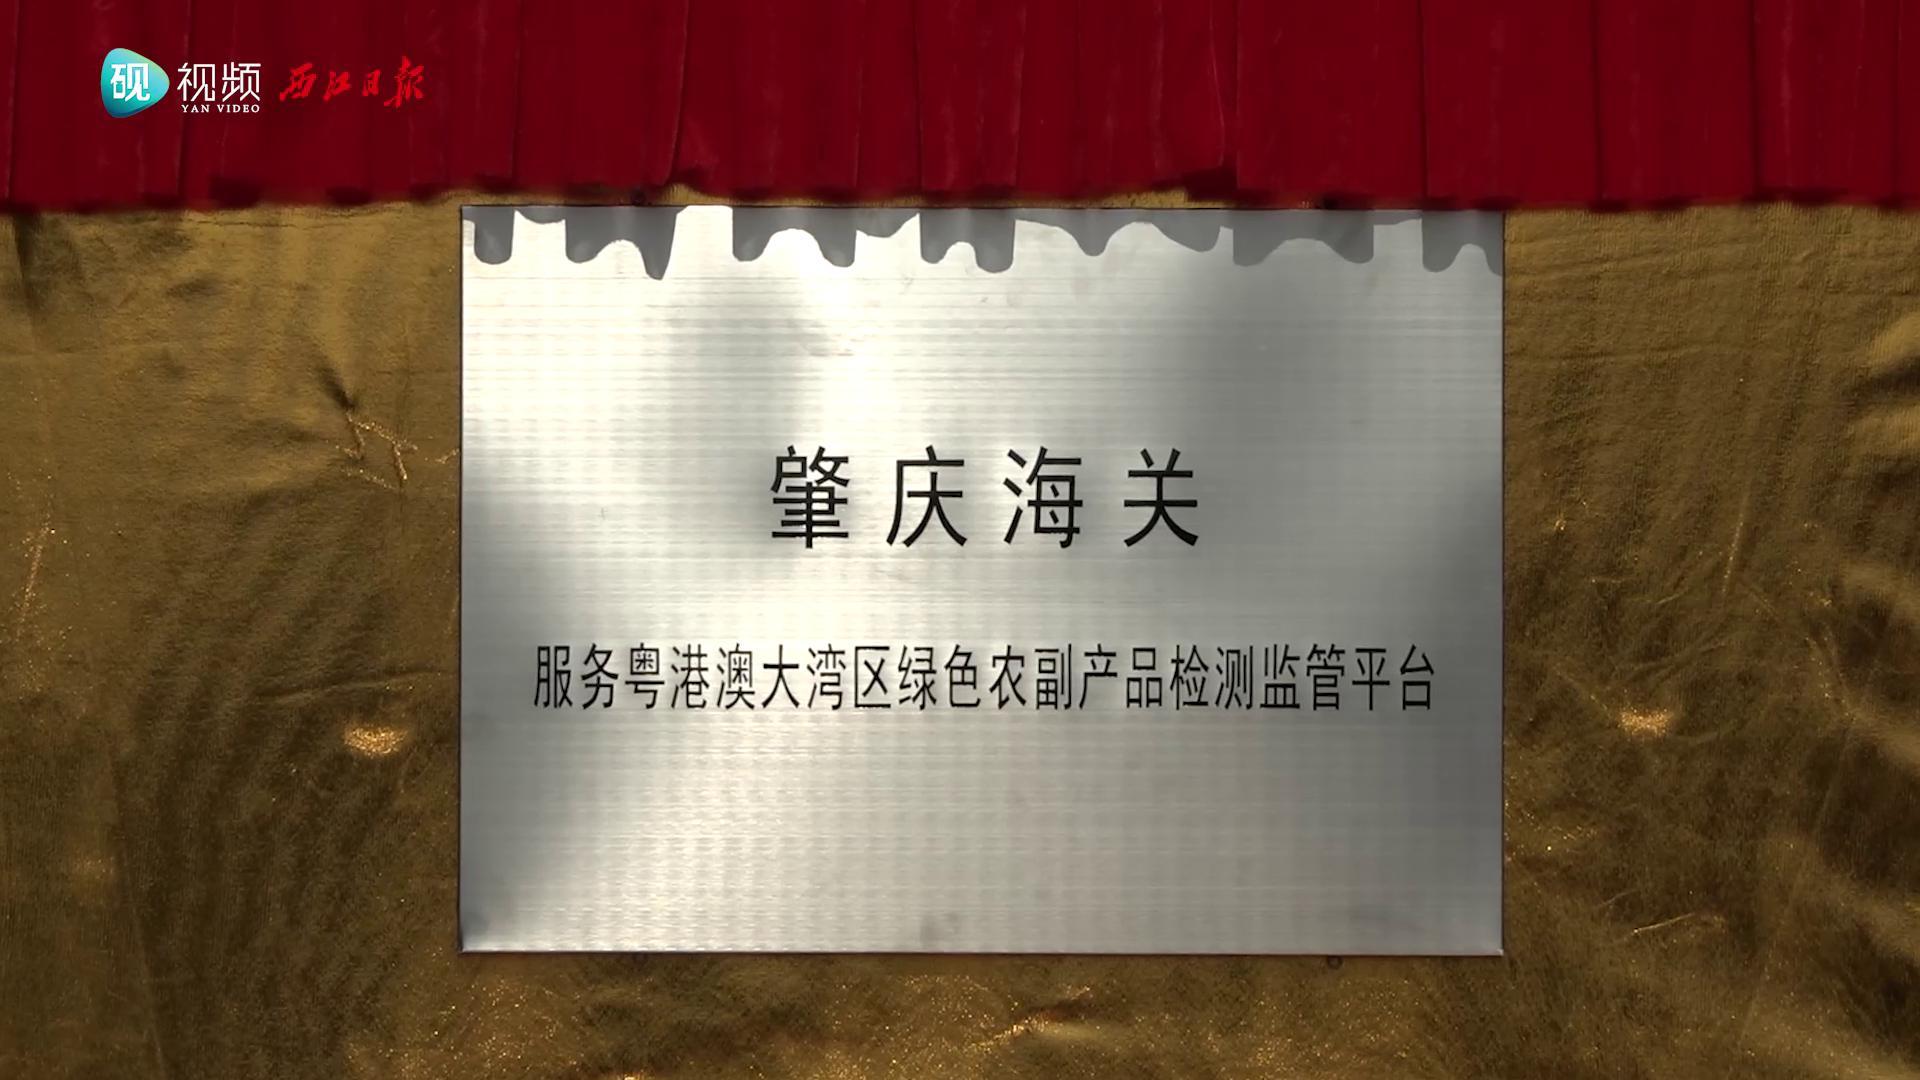 怀集县掀起产业招商落地新热潮